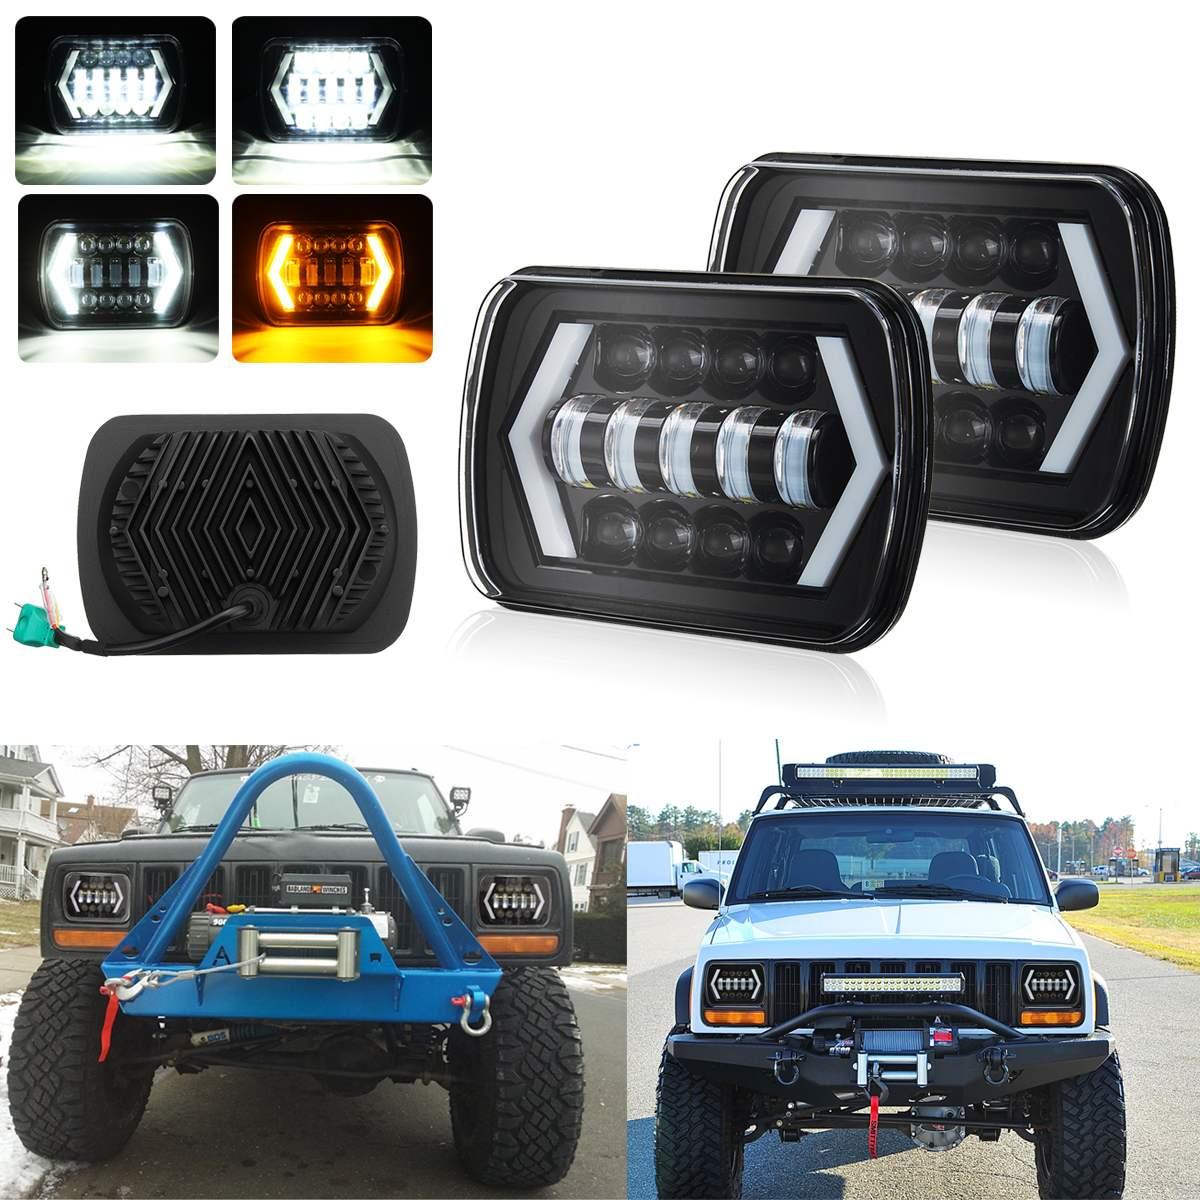 2 шт. для автомобиля вездеходы грузовик внедорожник для nissan 7x6 55 Вт H4 светодиодный свет фар Hi -Lo море светодиодный луч